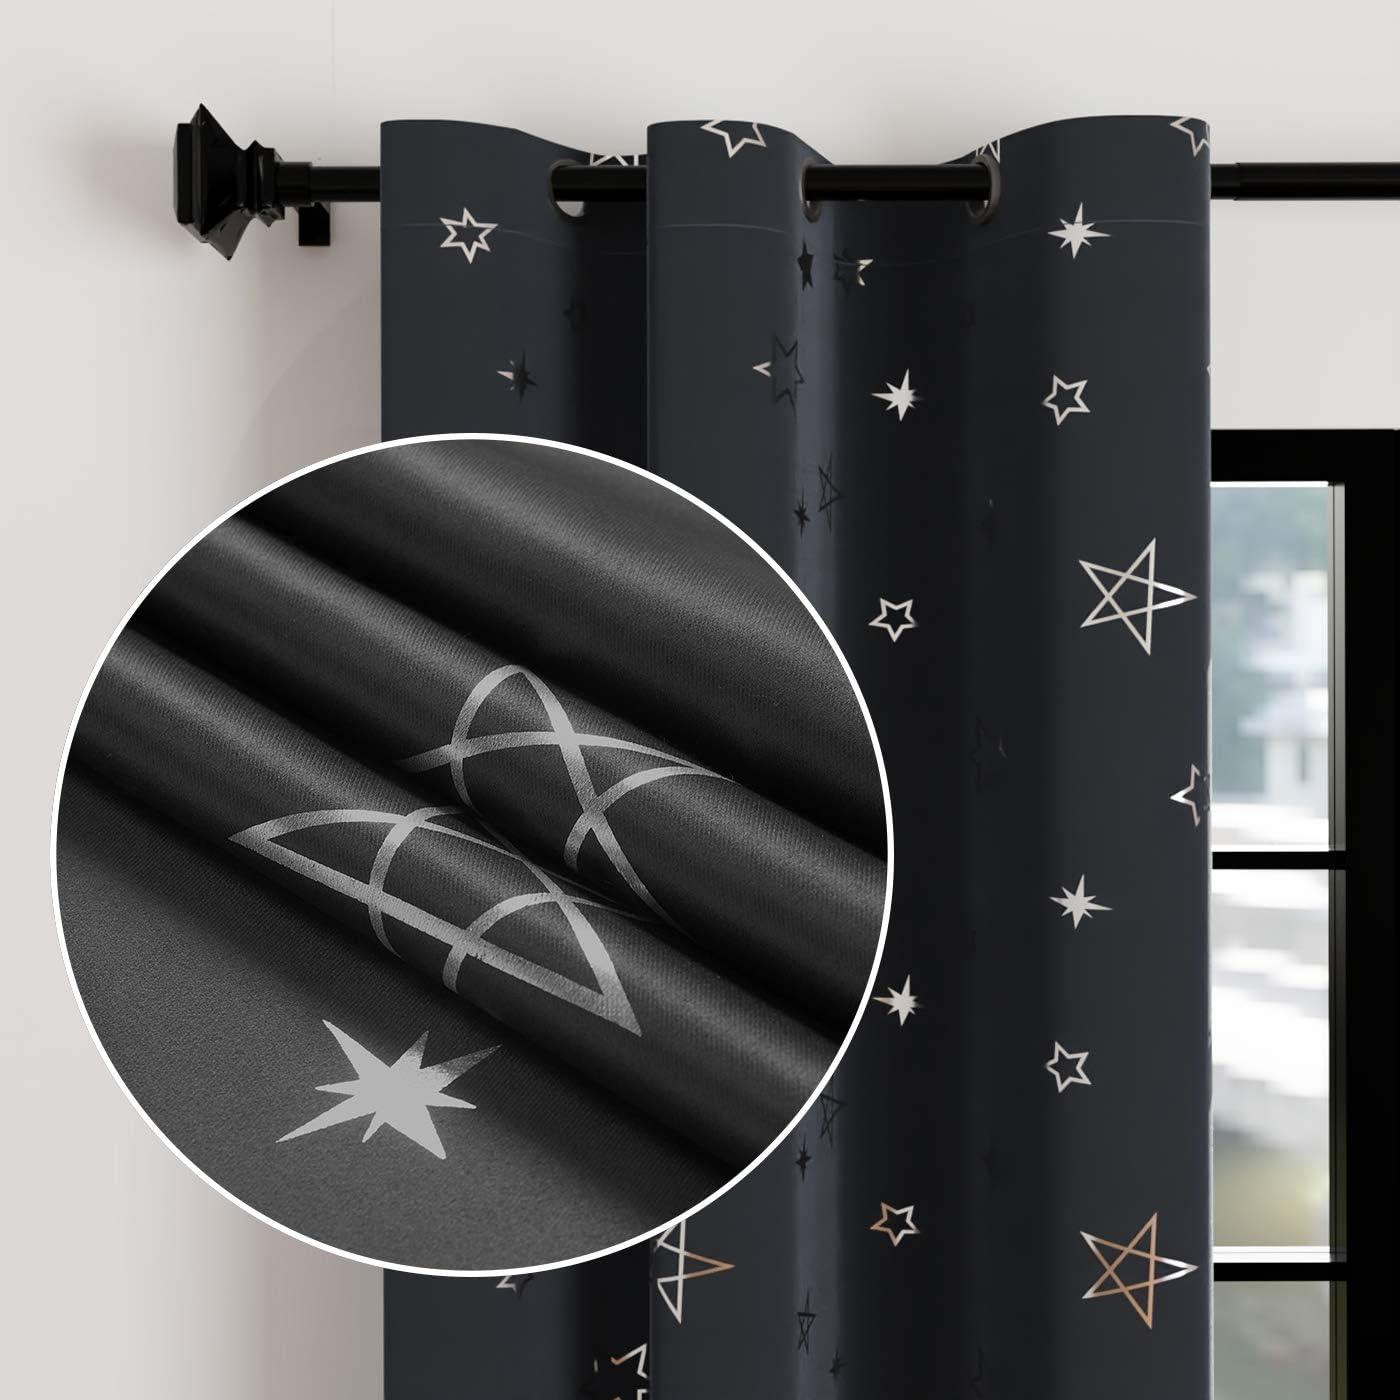 Encasa Homes Star Popular Grey Blackout Bedroom Kids Curtains Livin for Limited time sale